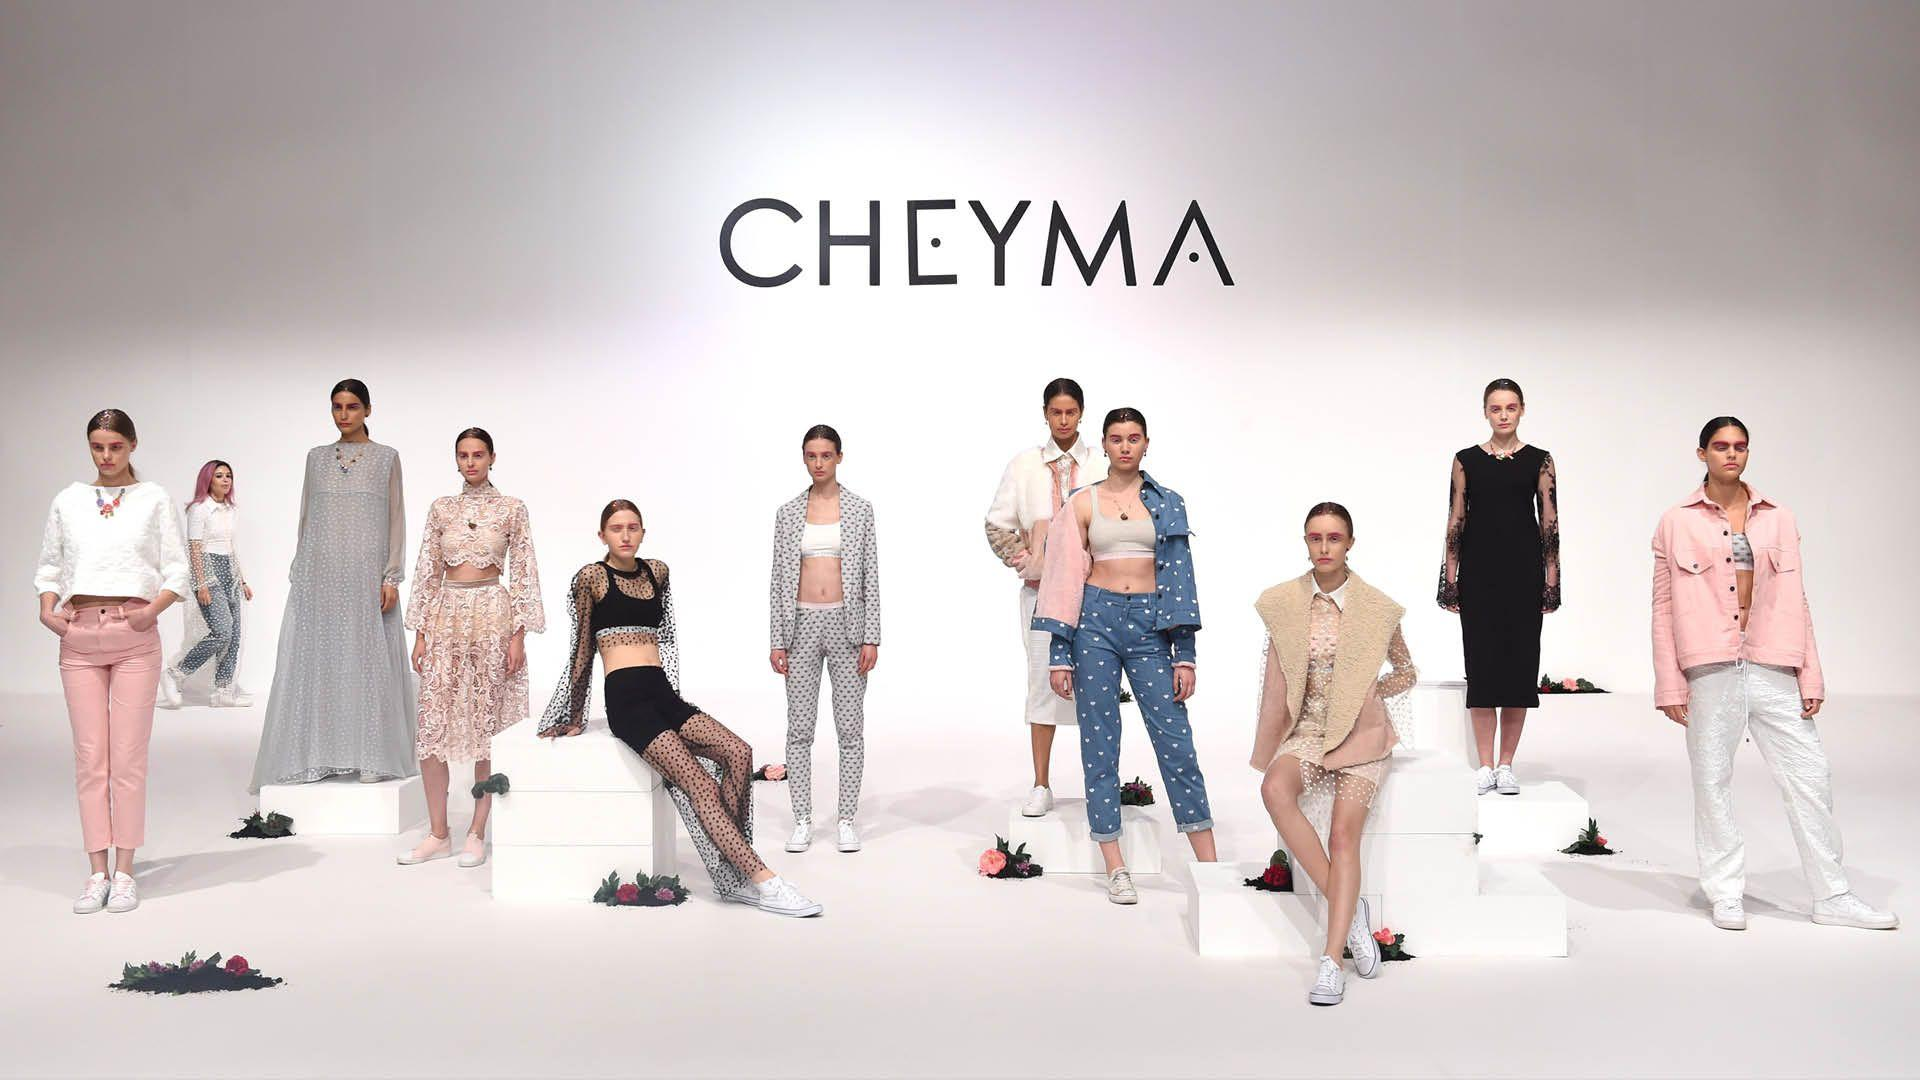 Cheyma